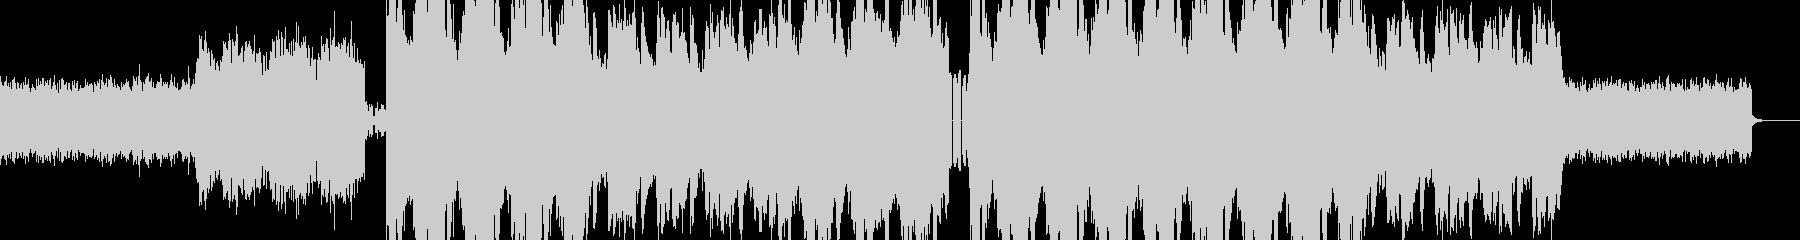 電子音をイメージした楽曲。の未再生の波形